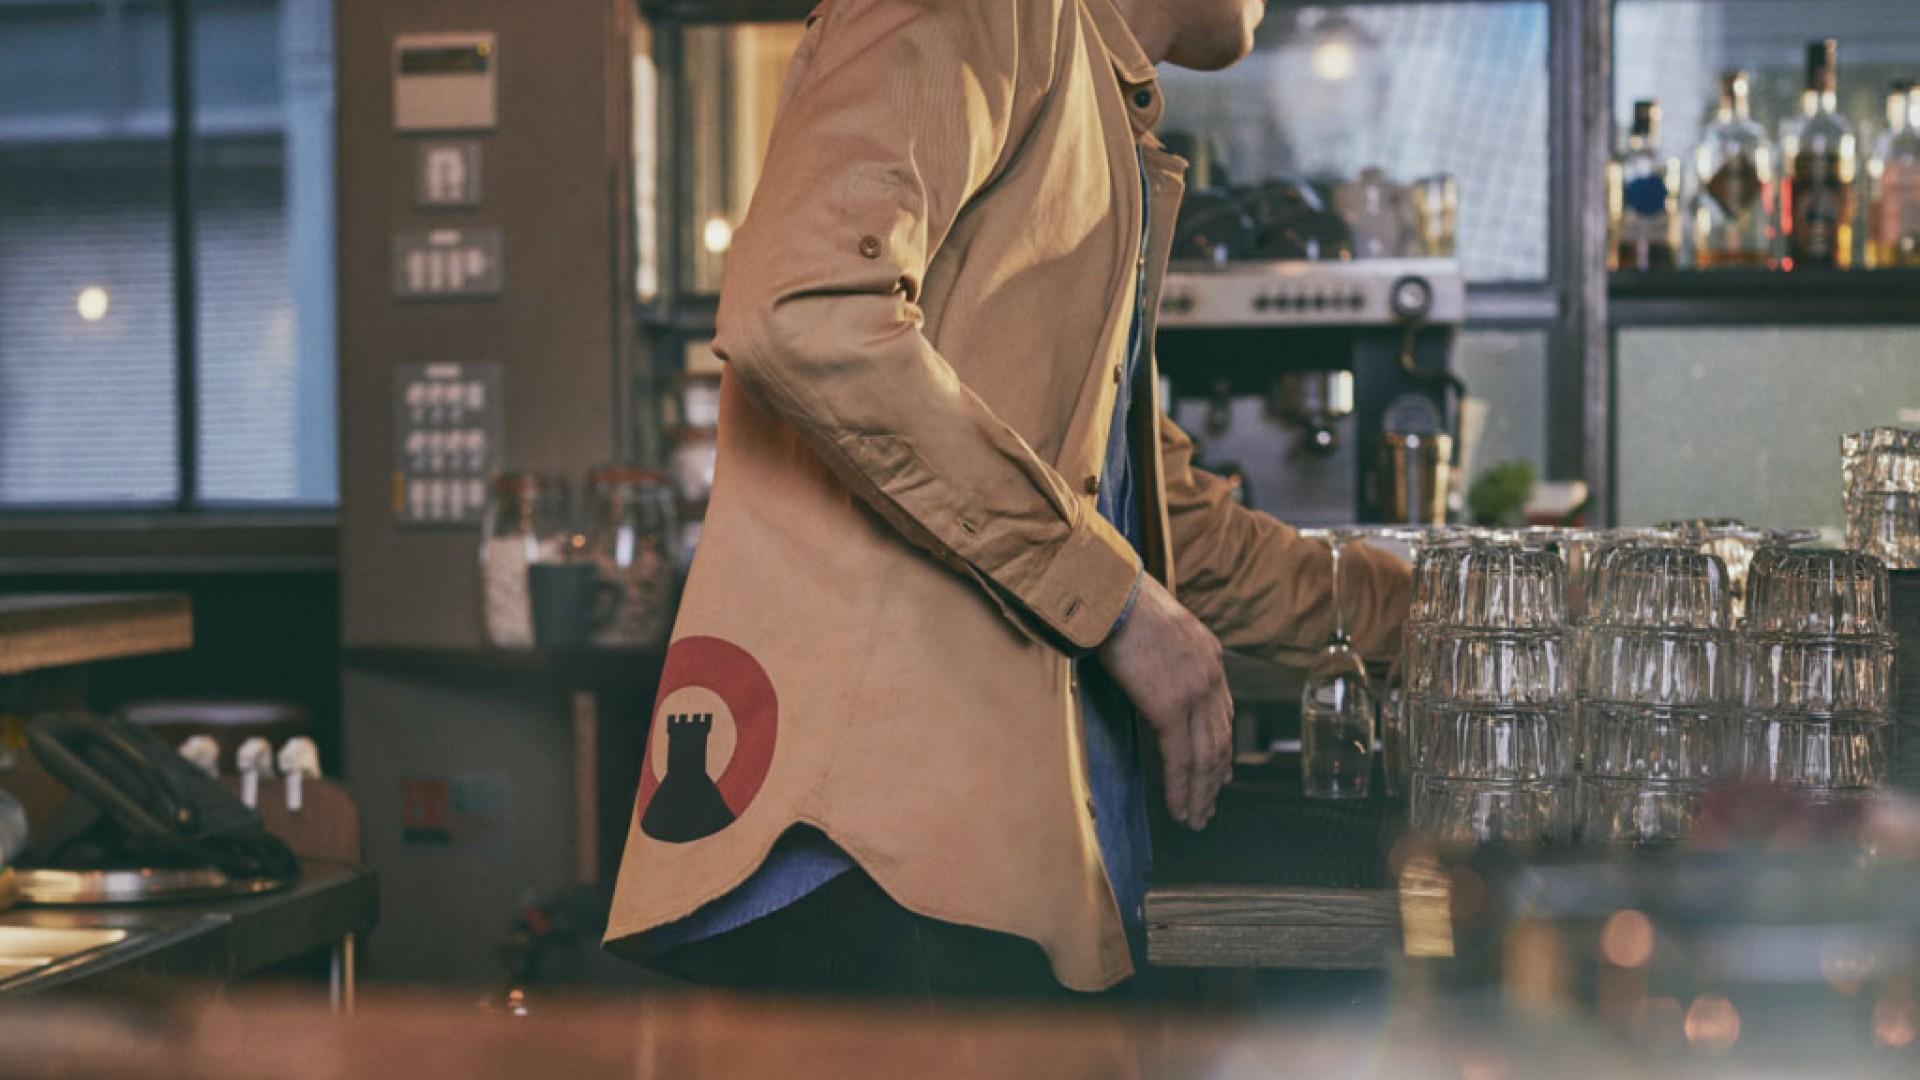 Camden Town Brewery x Folk shirt